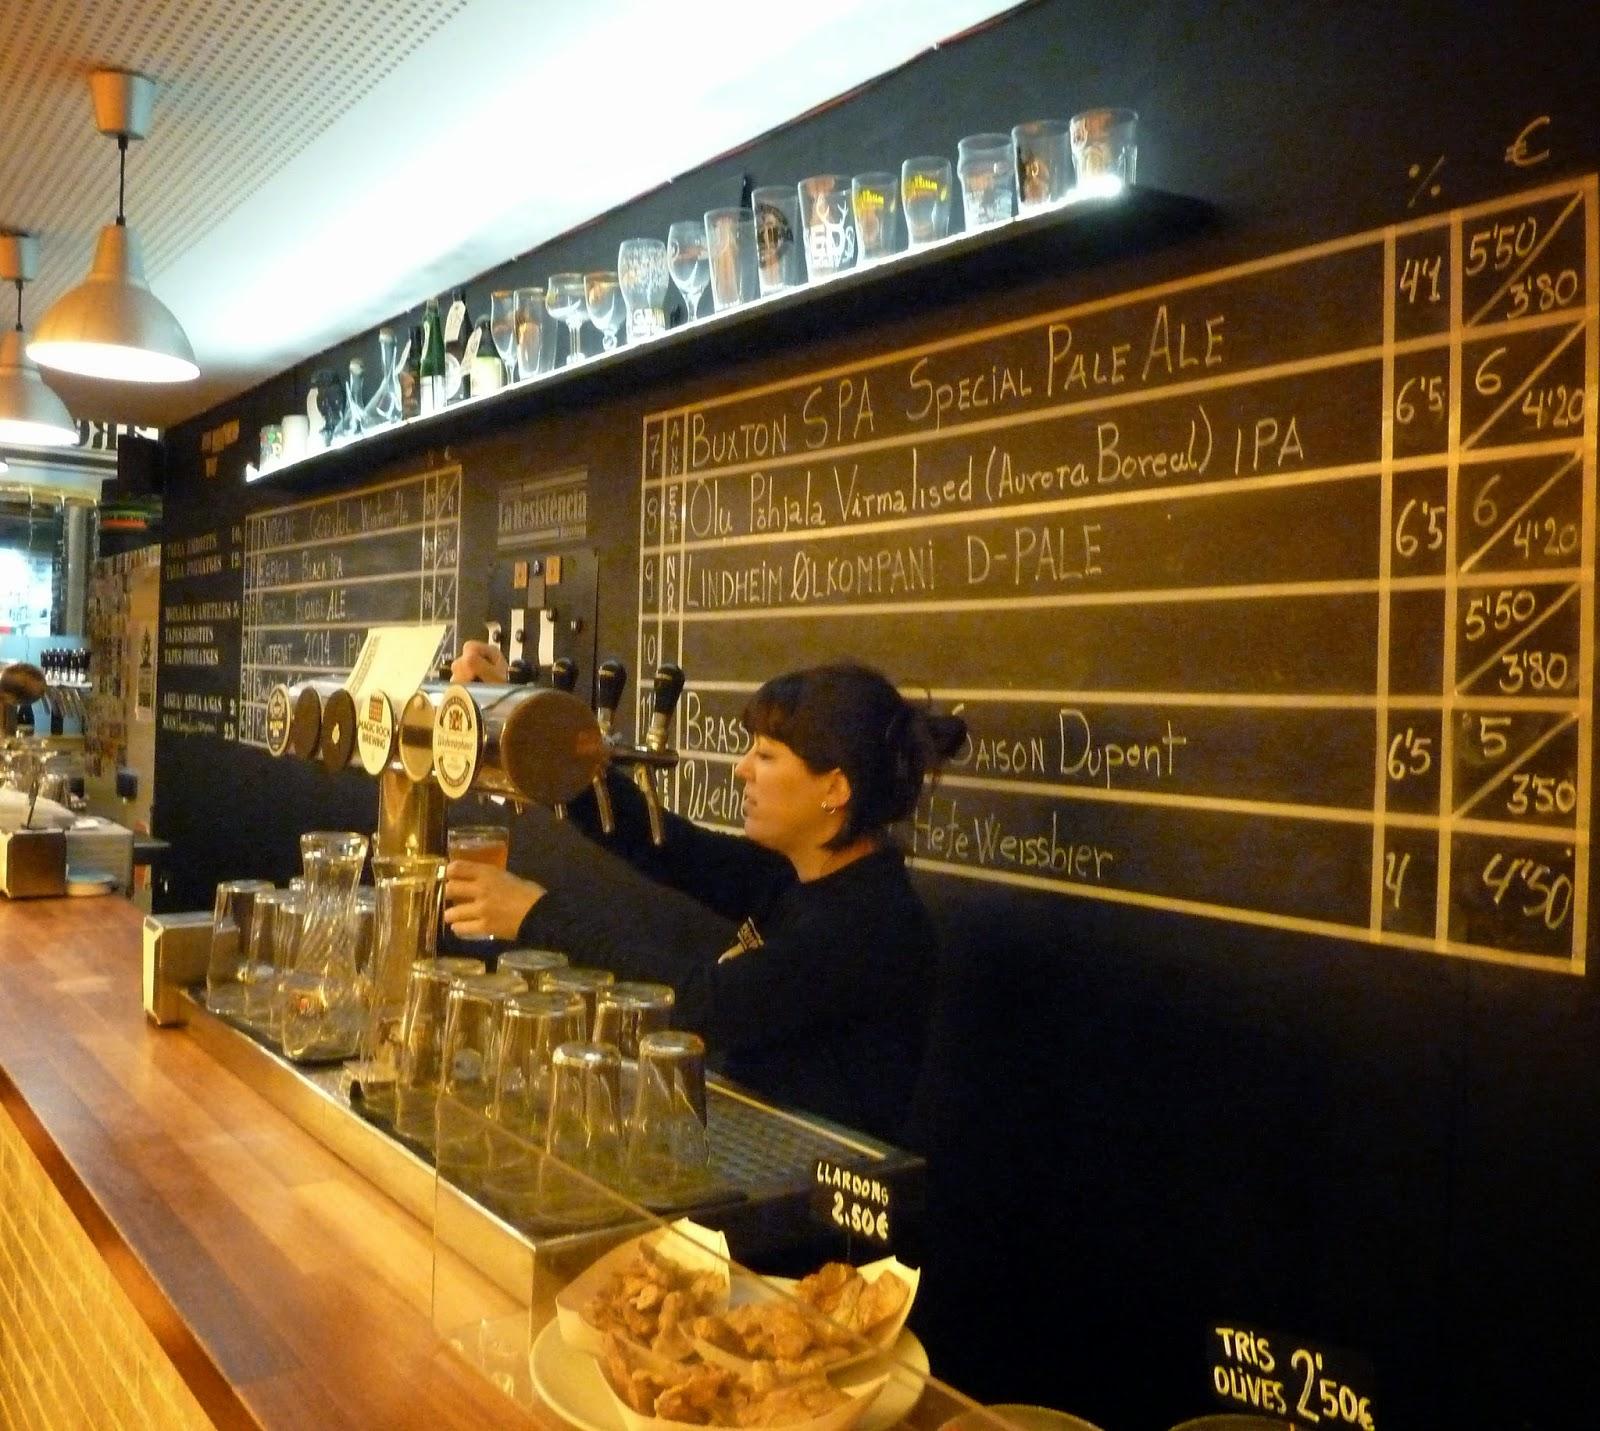 b7e63bafca0 The first Barcelona beer pub I visited was La Resistència